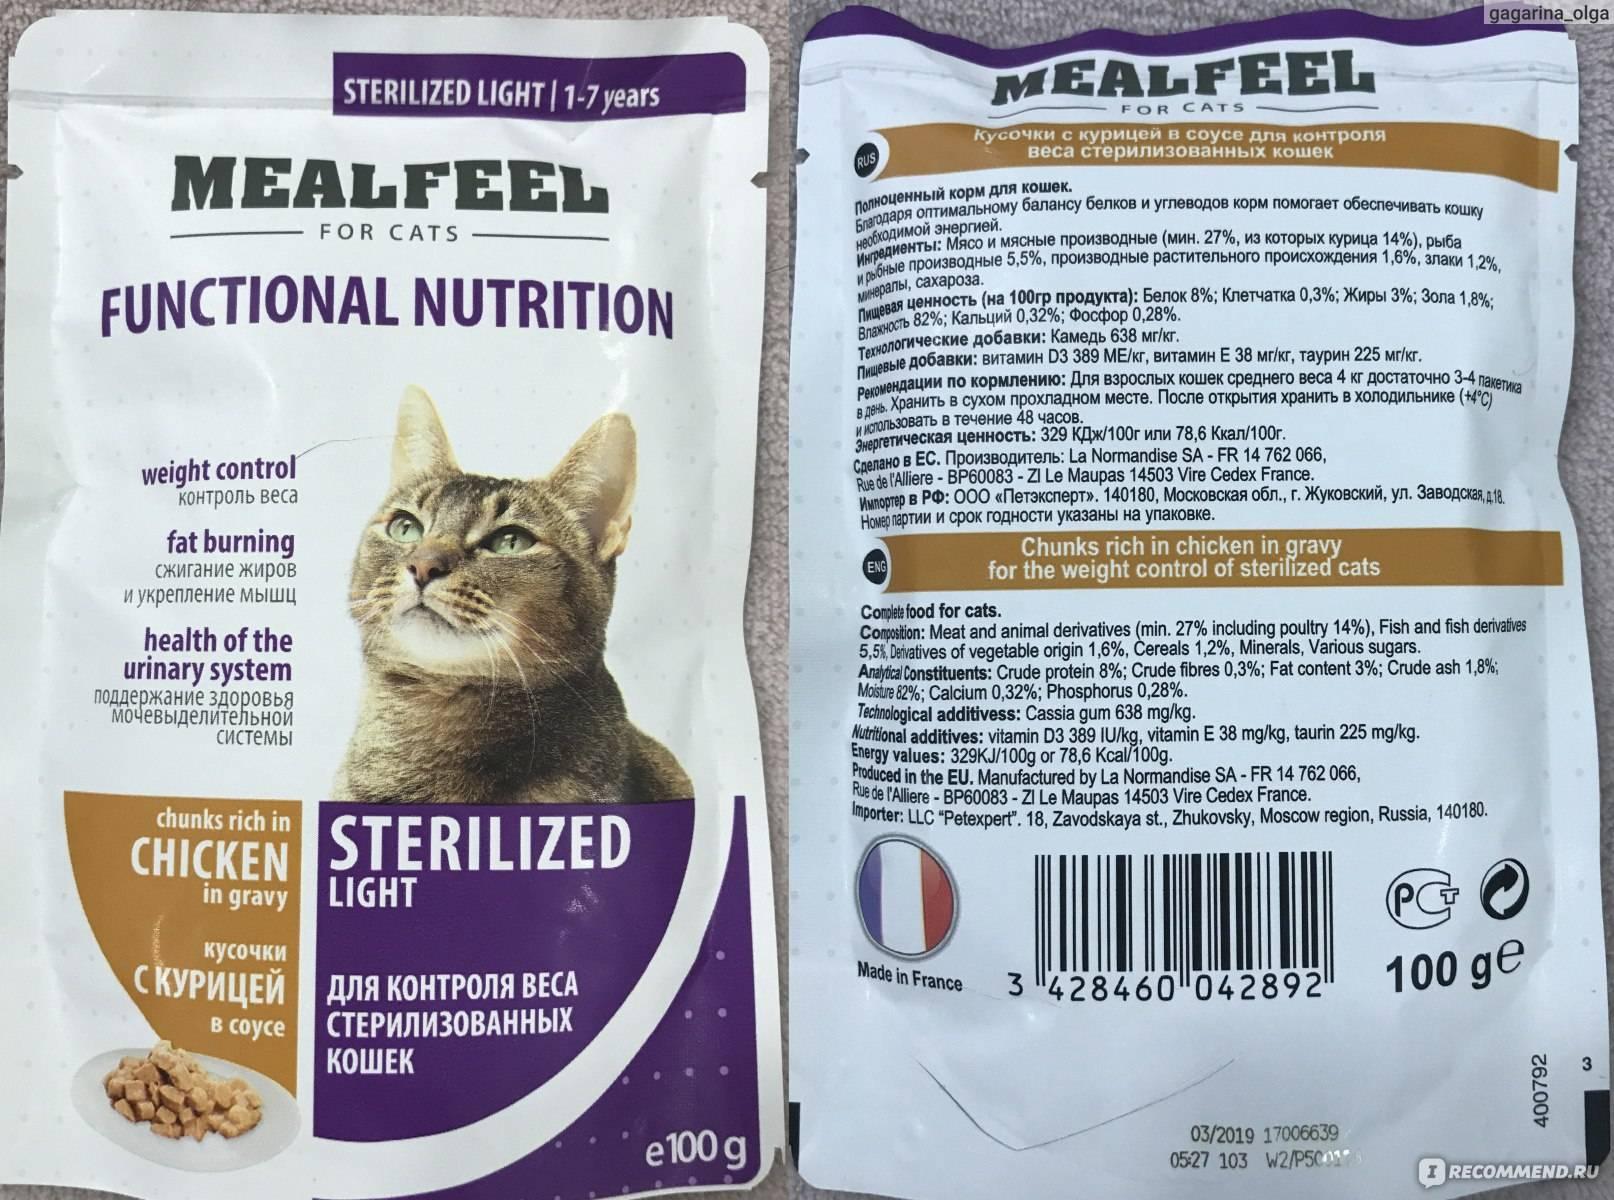 Сухой корм для кошек grandin — отзывы отрицательные. нейтральные. положительные. + оставить отзыв отрицательные отзывы zagrel https://otzovik.com/review_7339649.html достоинства: состав недостатки: